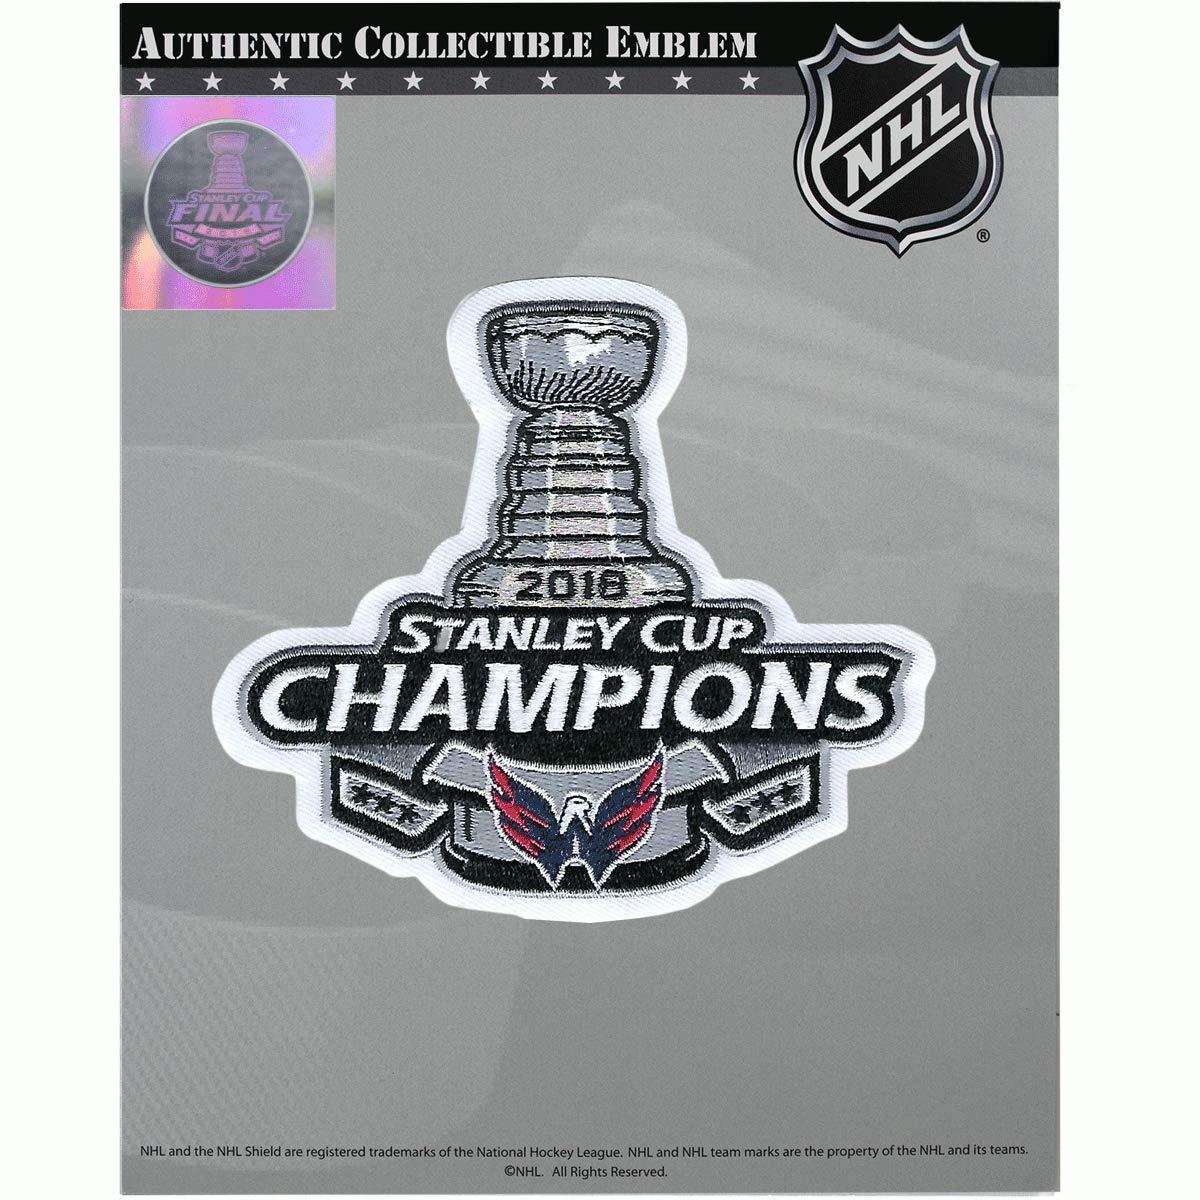 separation shoes d01da 434d2 National Emblem 2018 NHL Stanley Cup Final Champions Washington Capitals  Jersey Patch